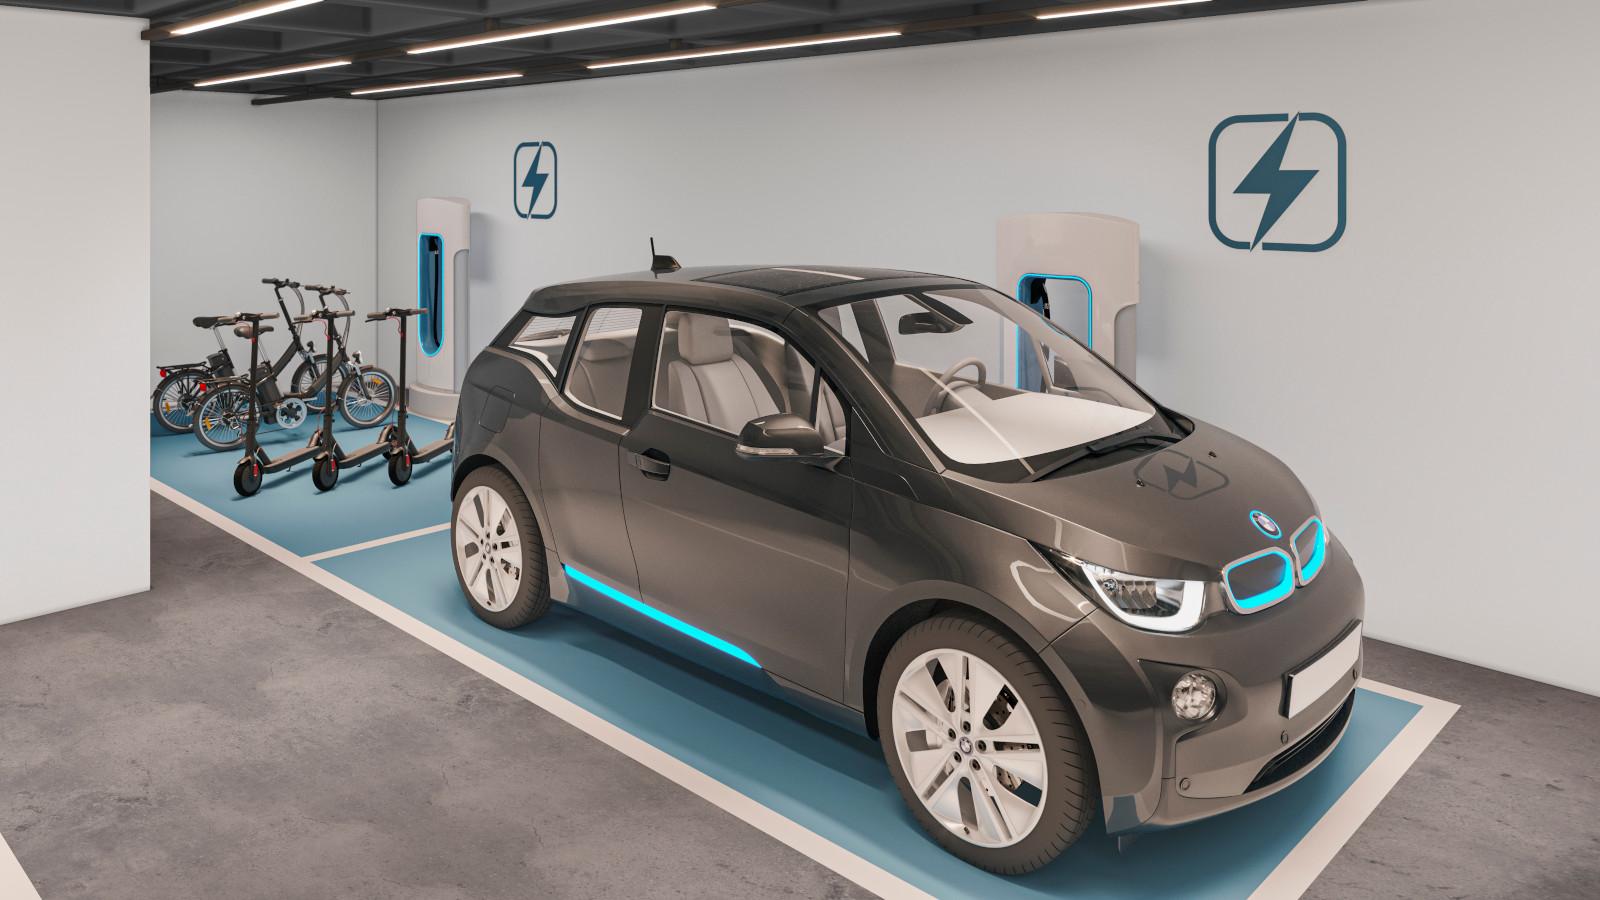 Vaga de garagem para carregamento de veículos elétricos